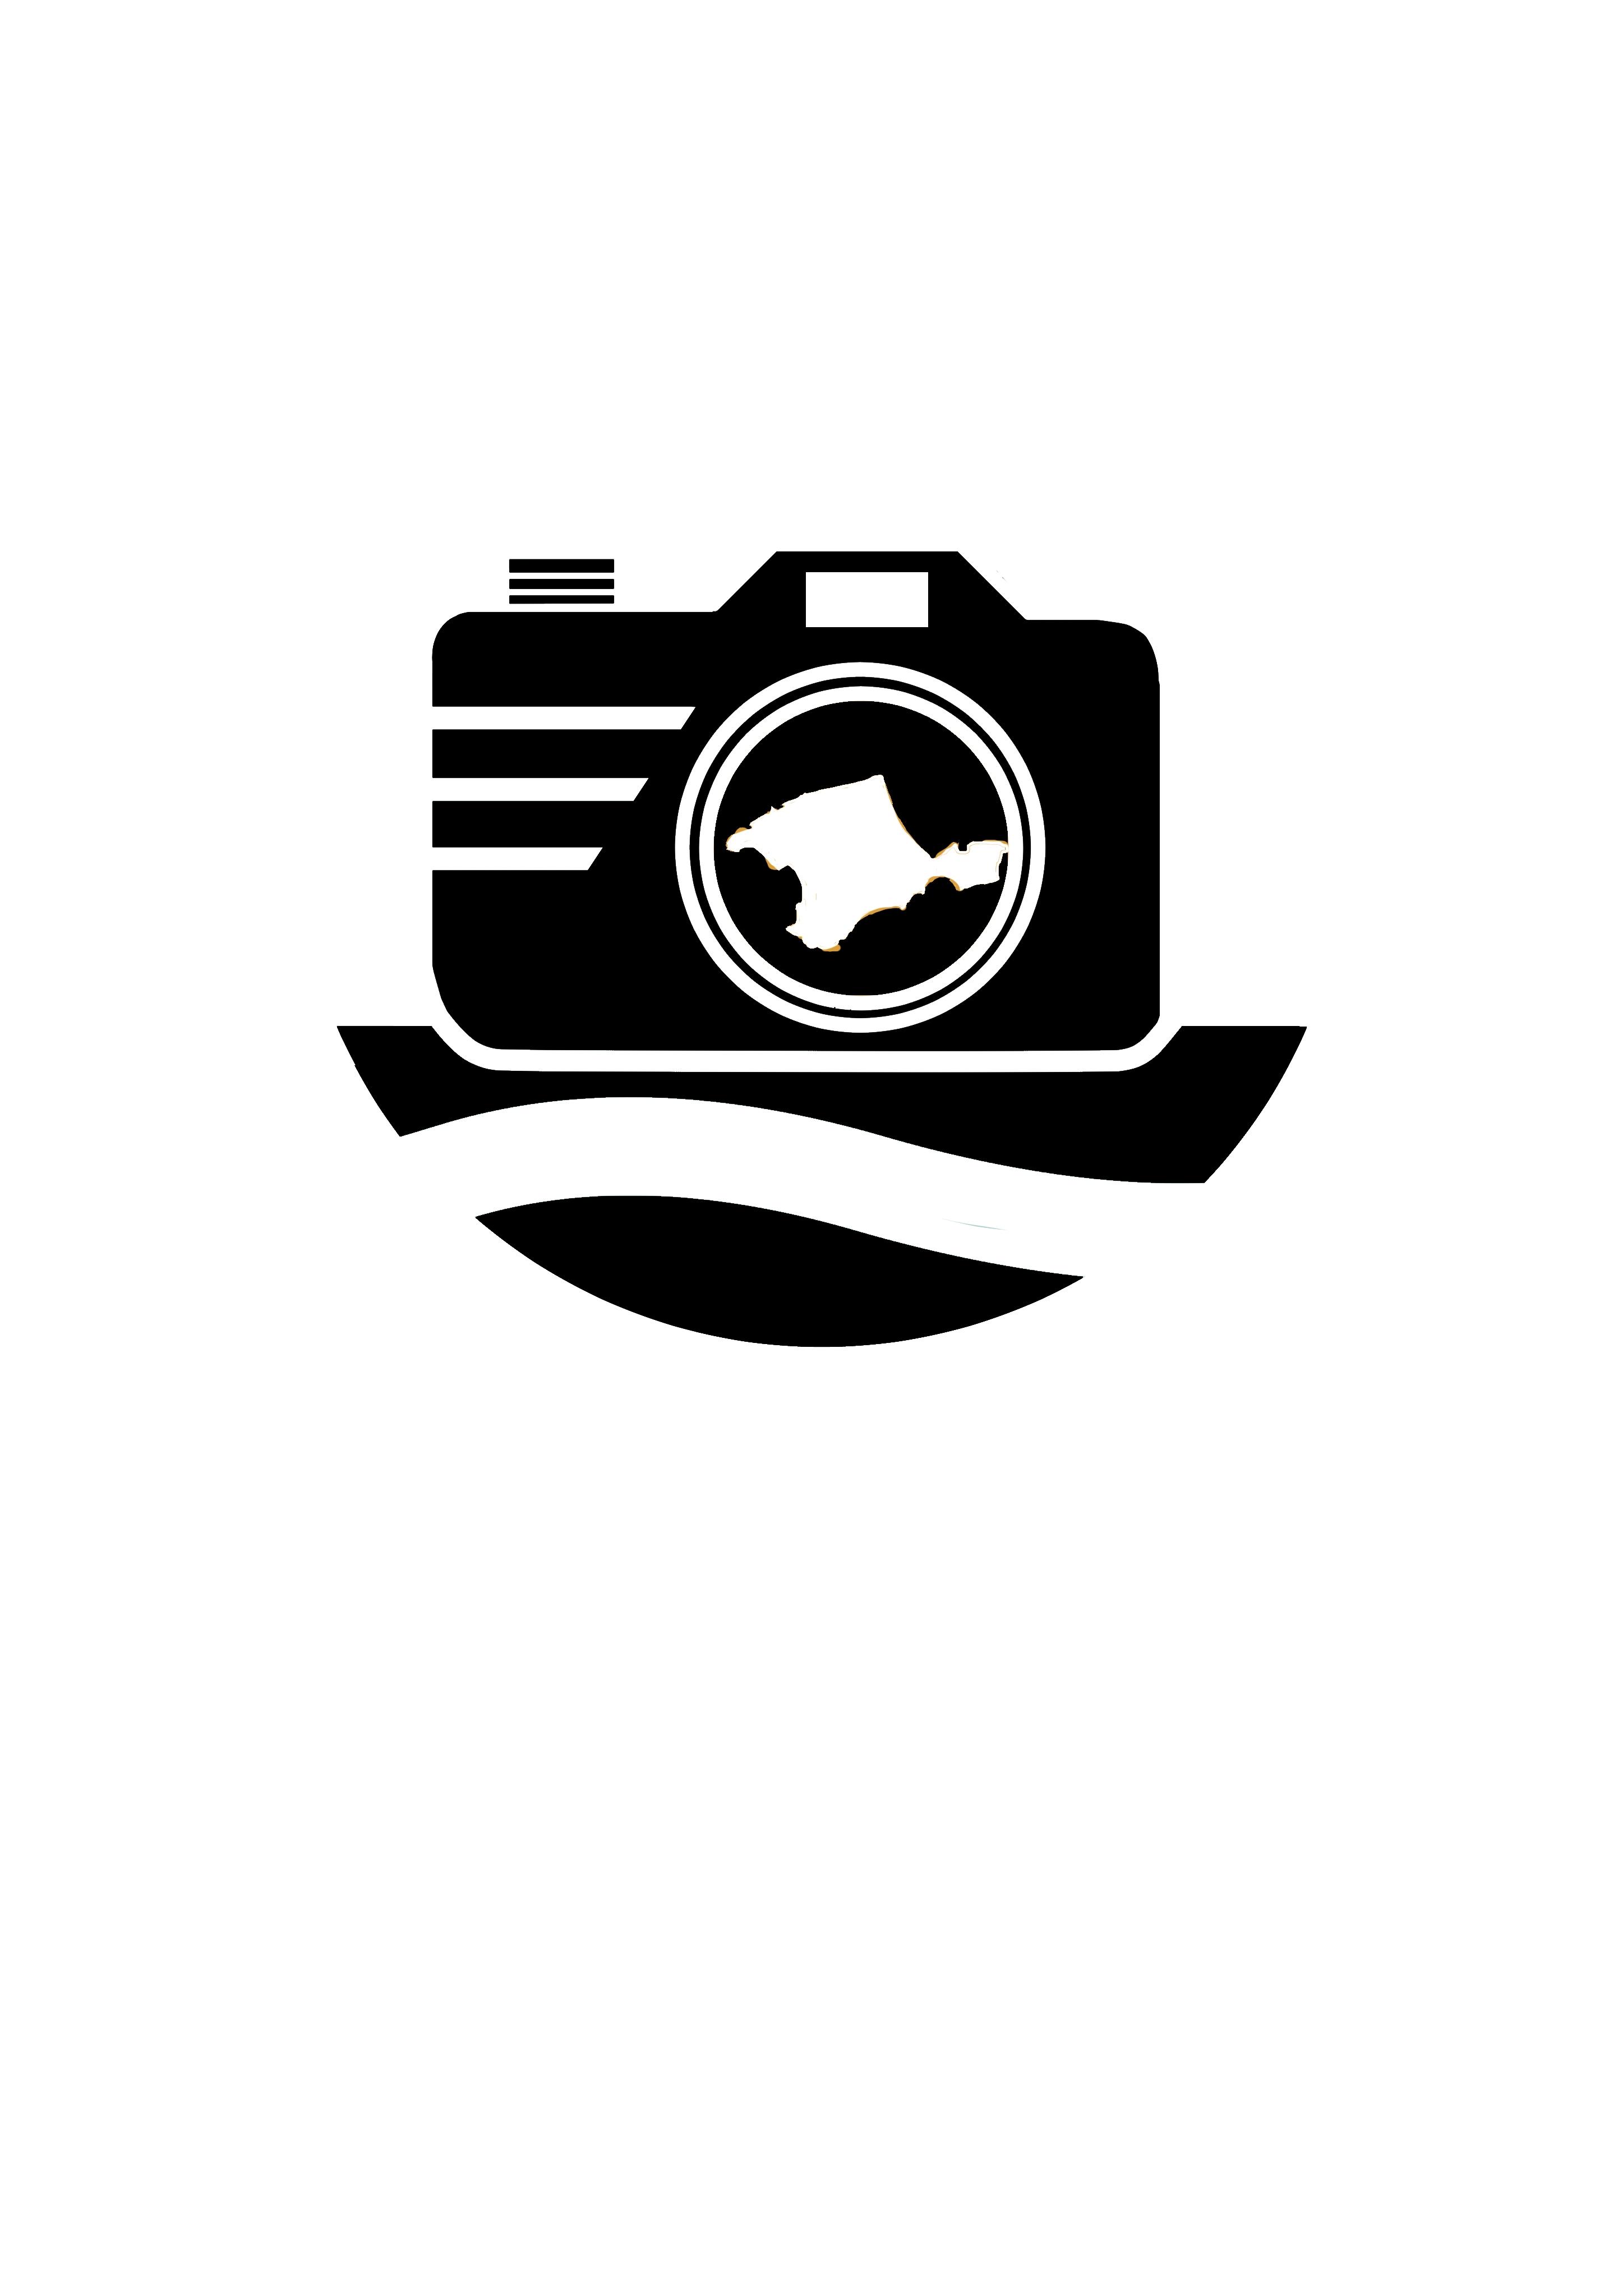 ЛОГОТИП + фирменный стиль фотоконкурса ФОТОГРАФИРУЕМ КРЫМ фото f_0135c0586d3a6277.jpg